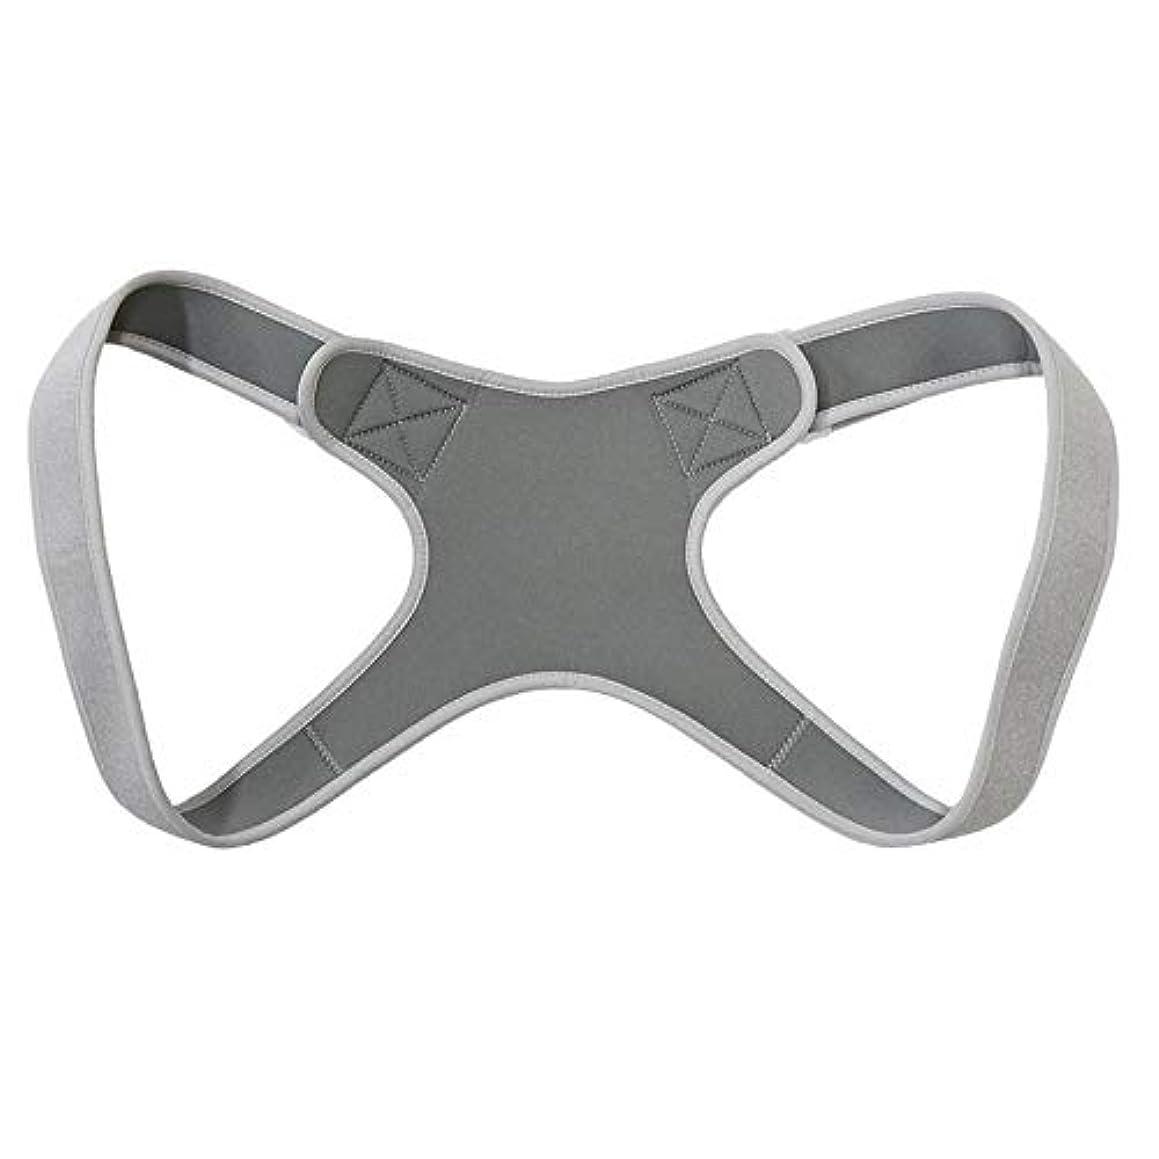 ファンシー蒸矢印新しいアッパーバックポスチャーコレクター姿勢鎖骨サポートコレクターバックストレートショルダーブレースストラップコレクター - グレー